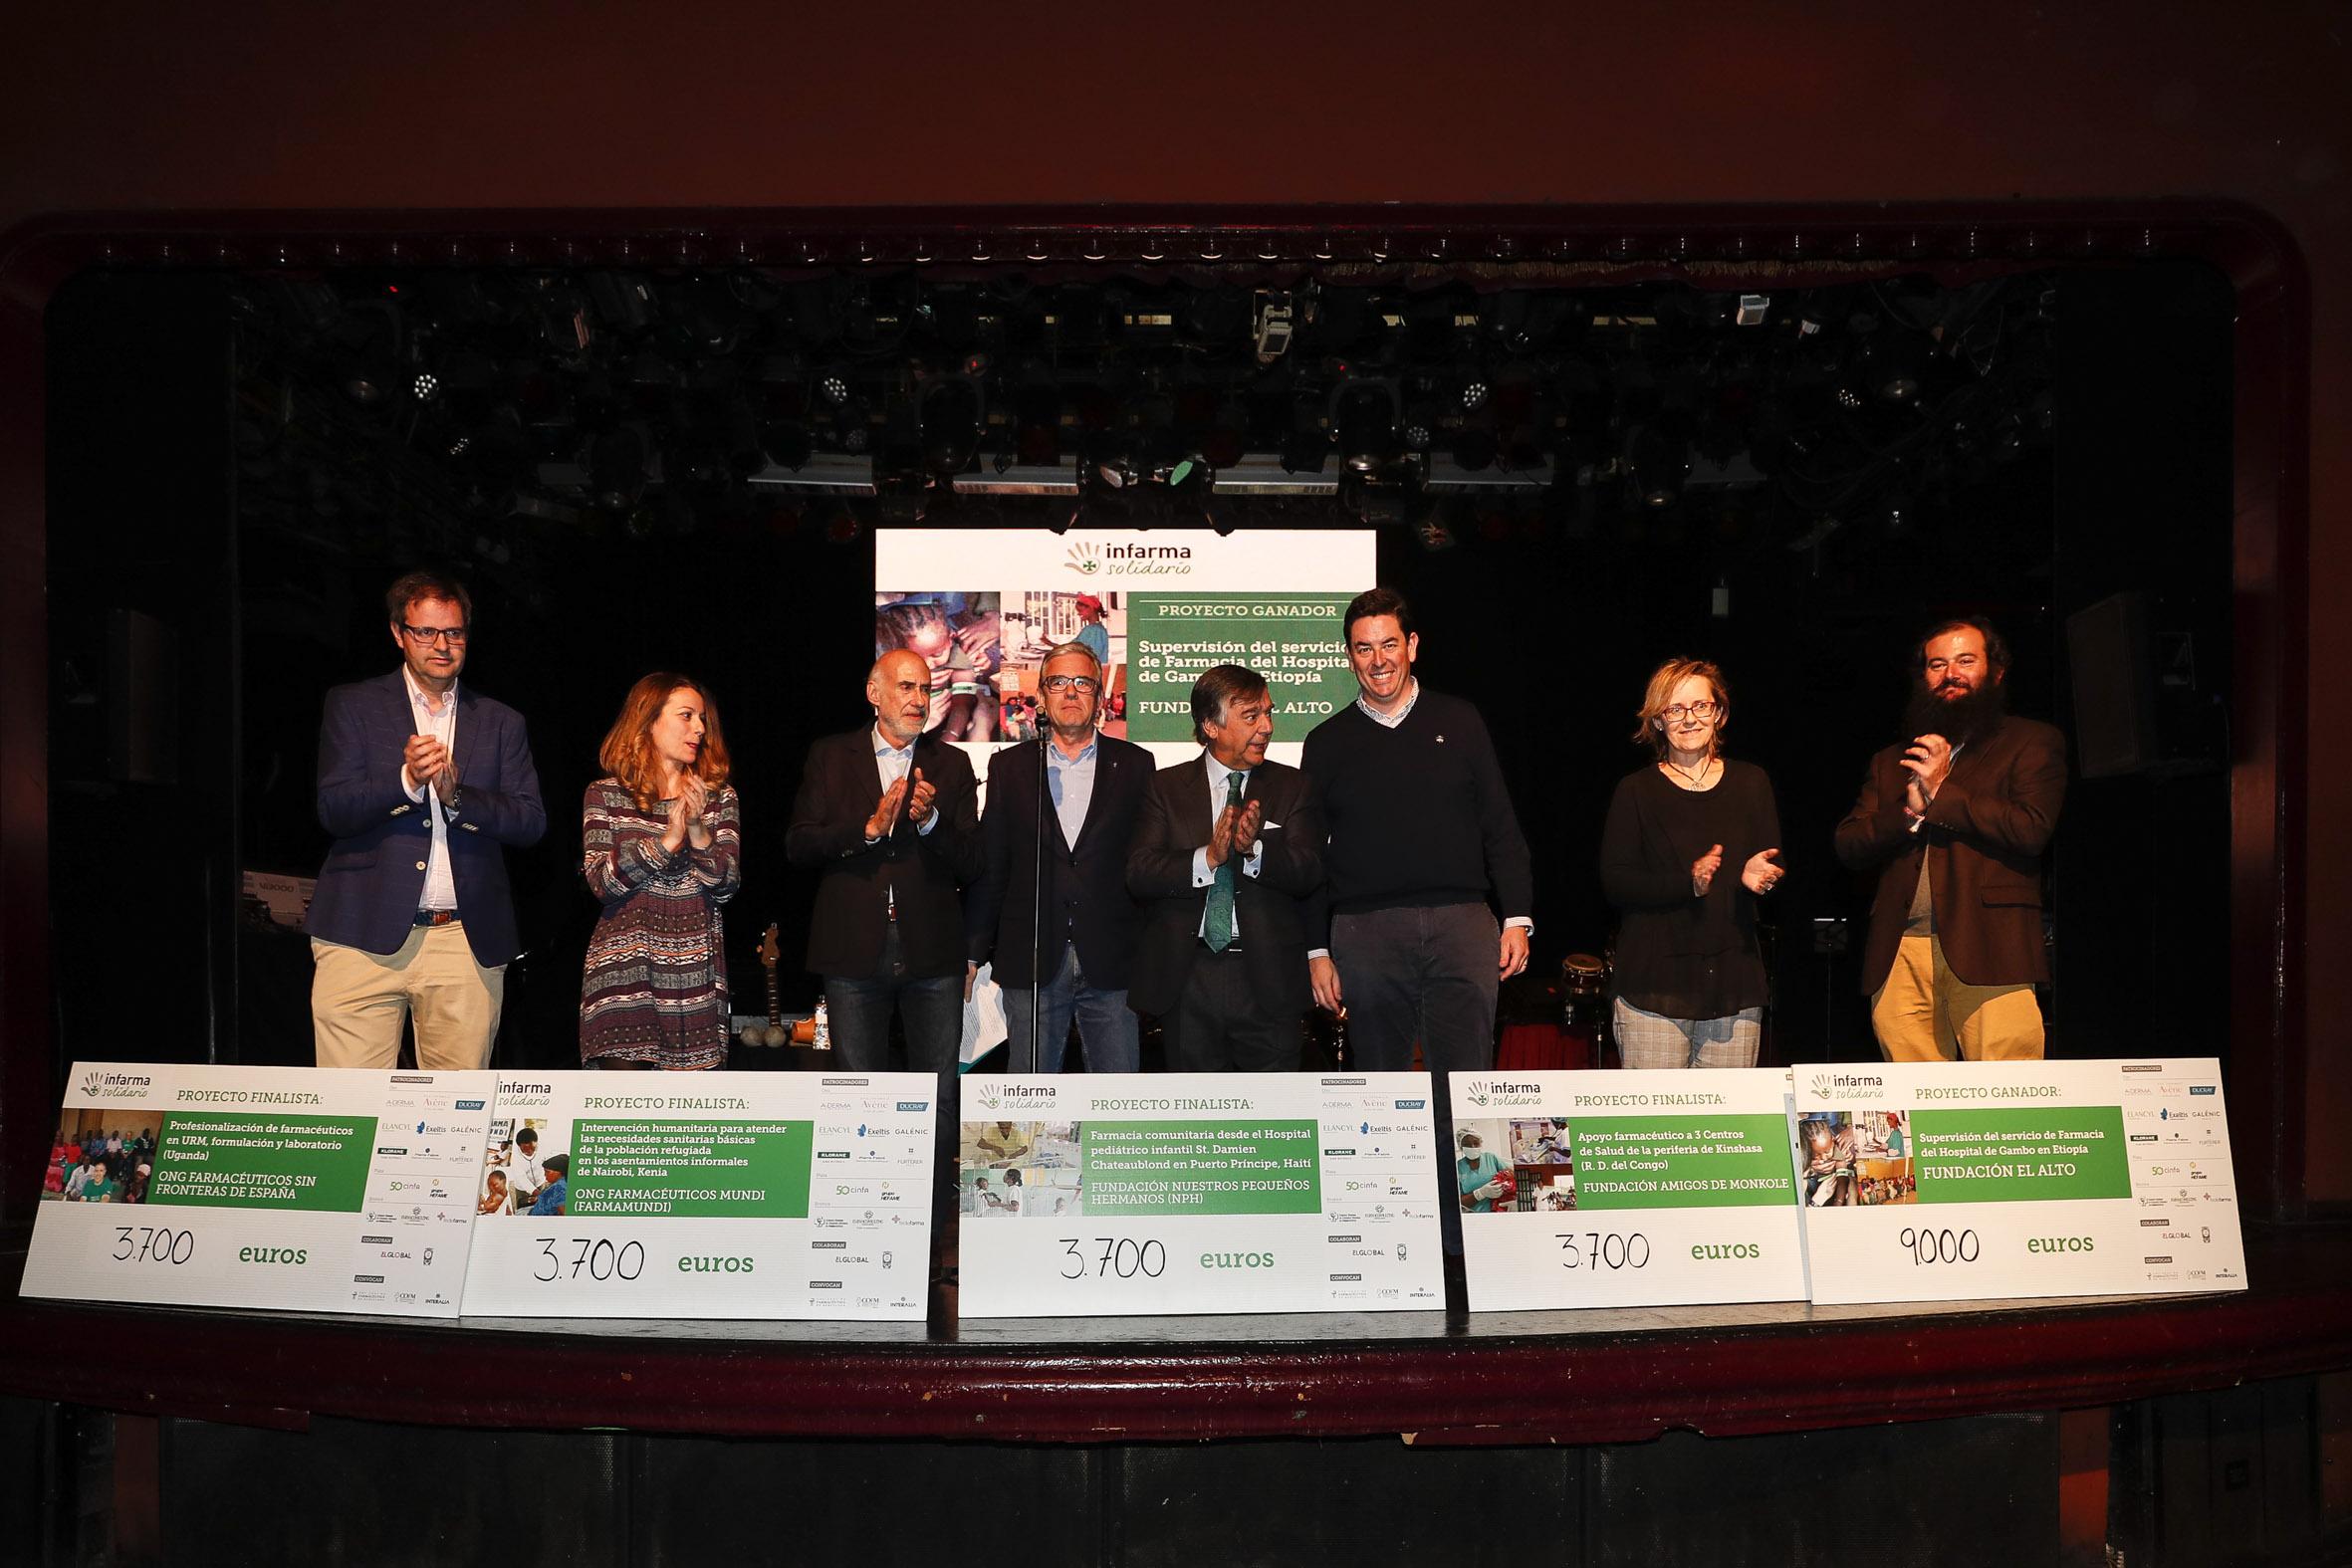 Fotografía conjunta del proyecto ganador y los proyectos finalistas